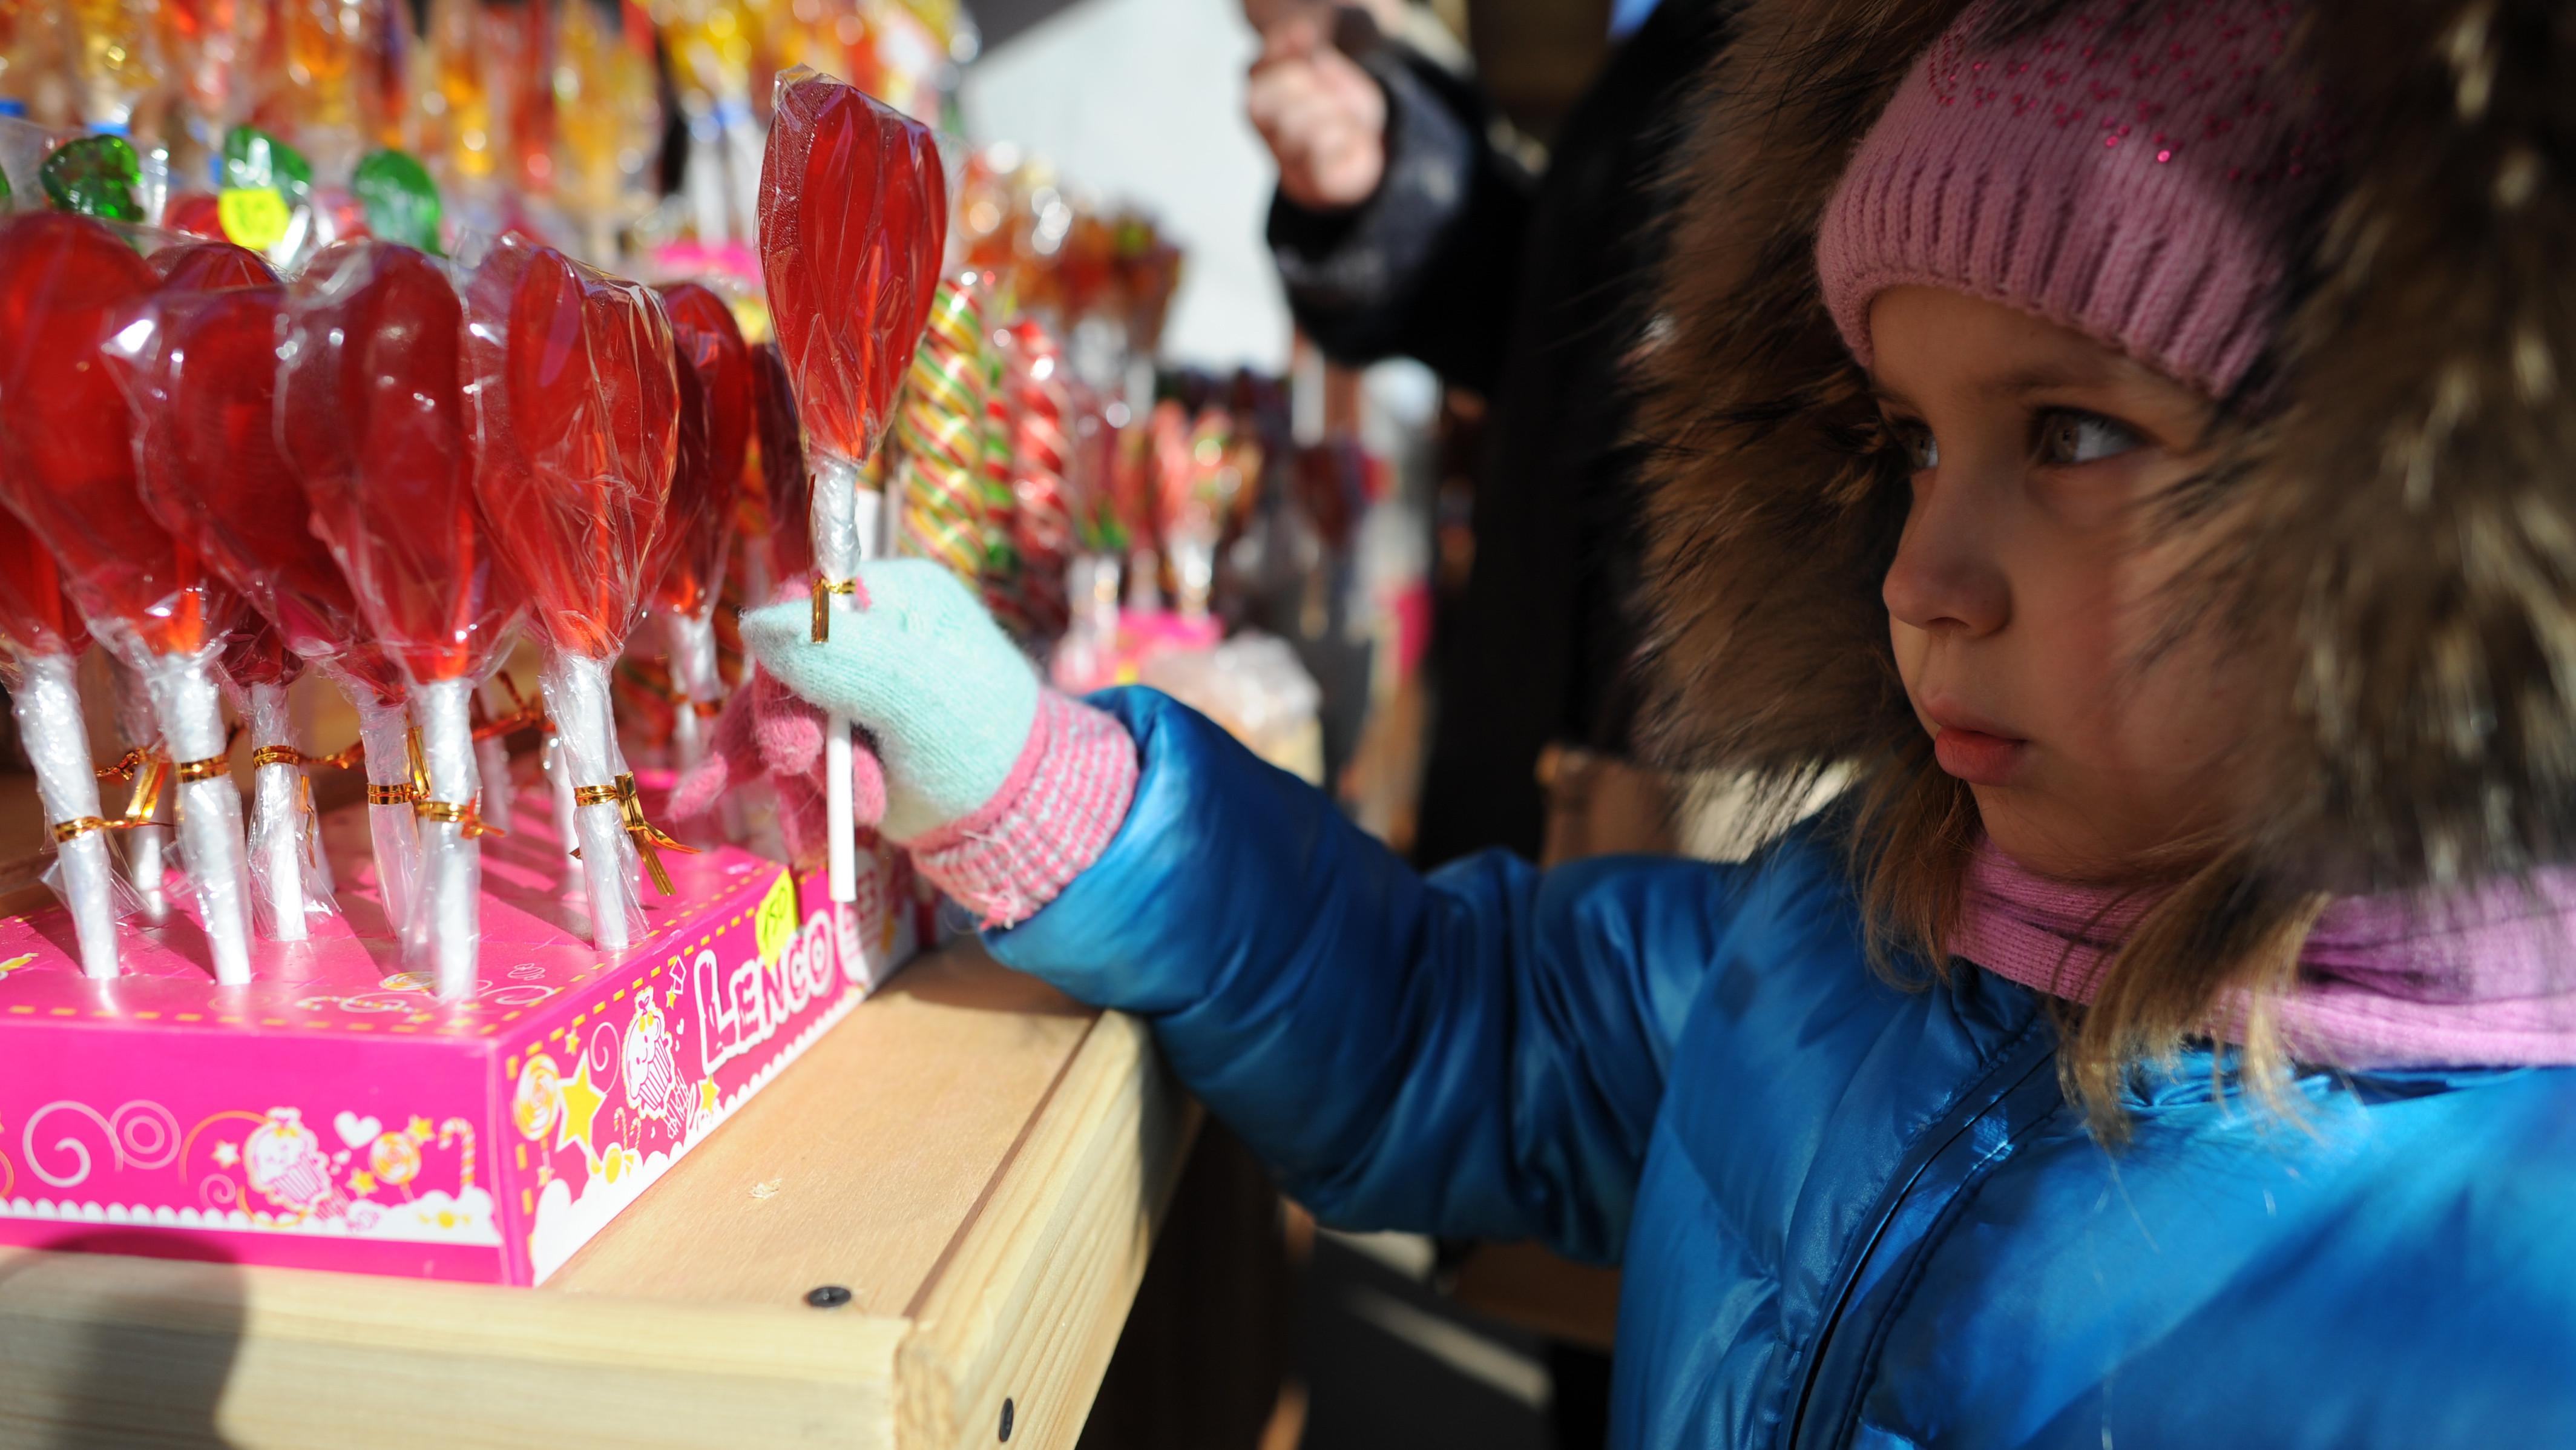 Новогодняя социальная ярмарка «Ценопад» пройдет в Красногорске